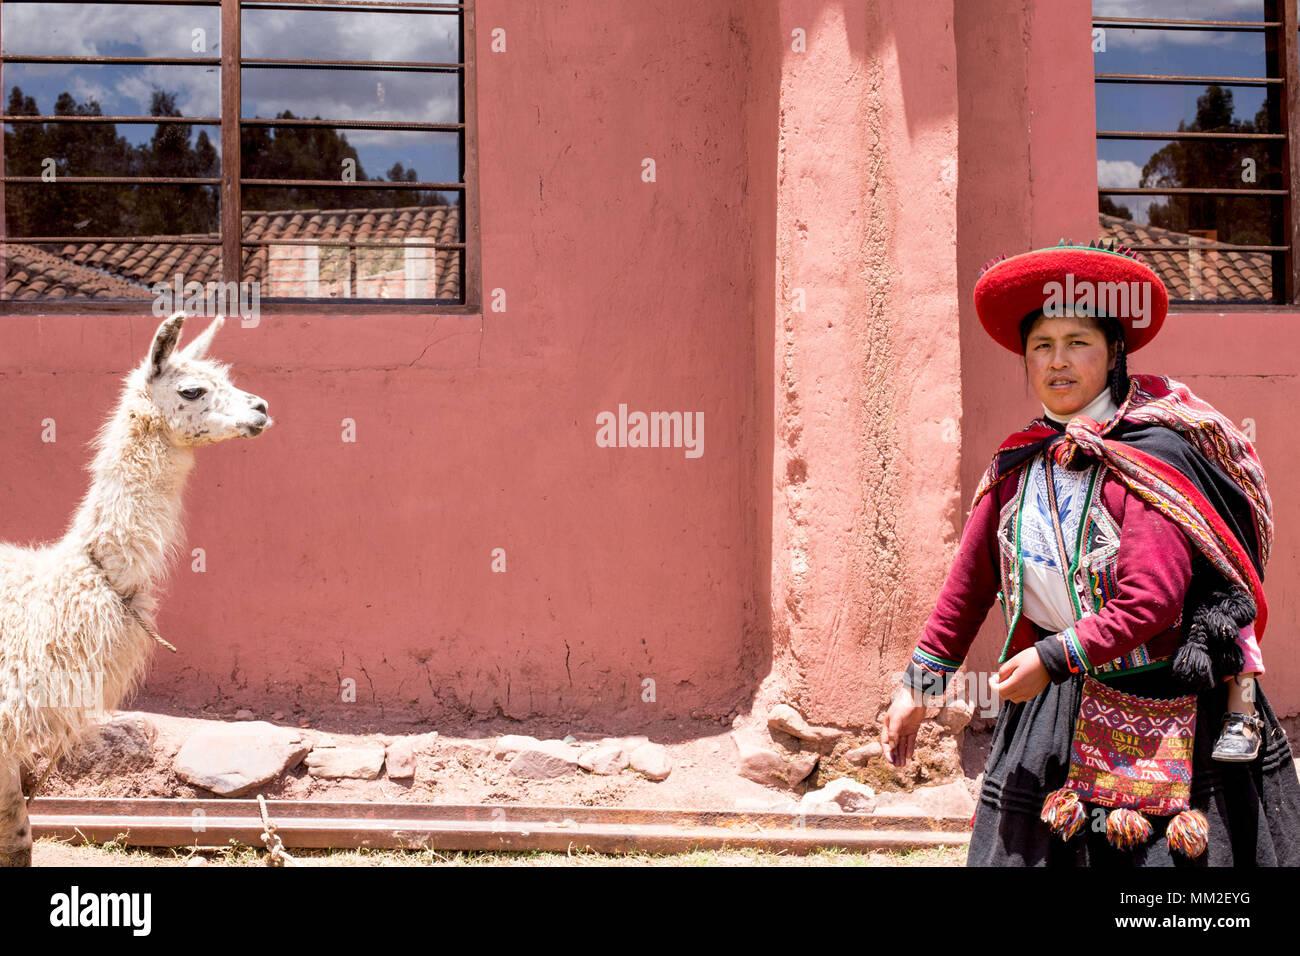 Images du Pérou et de ses peuples. Portrait et Paysage Photo Stock